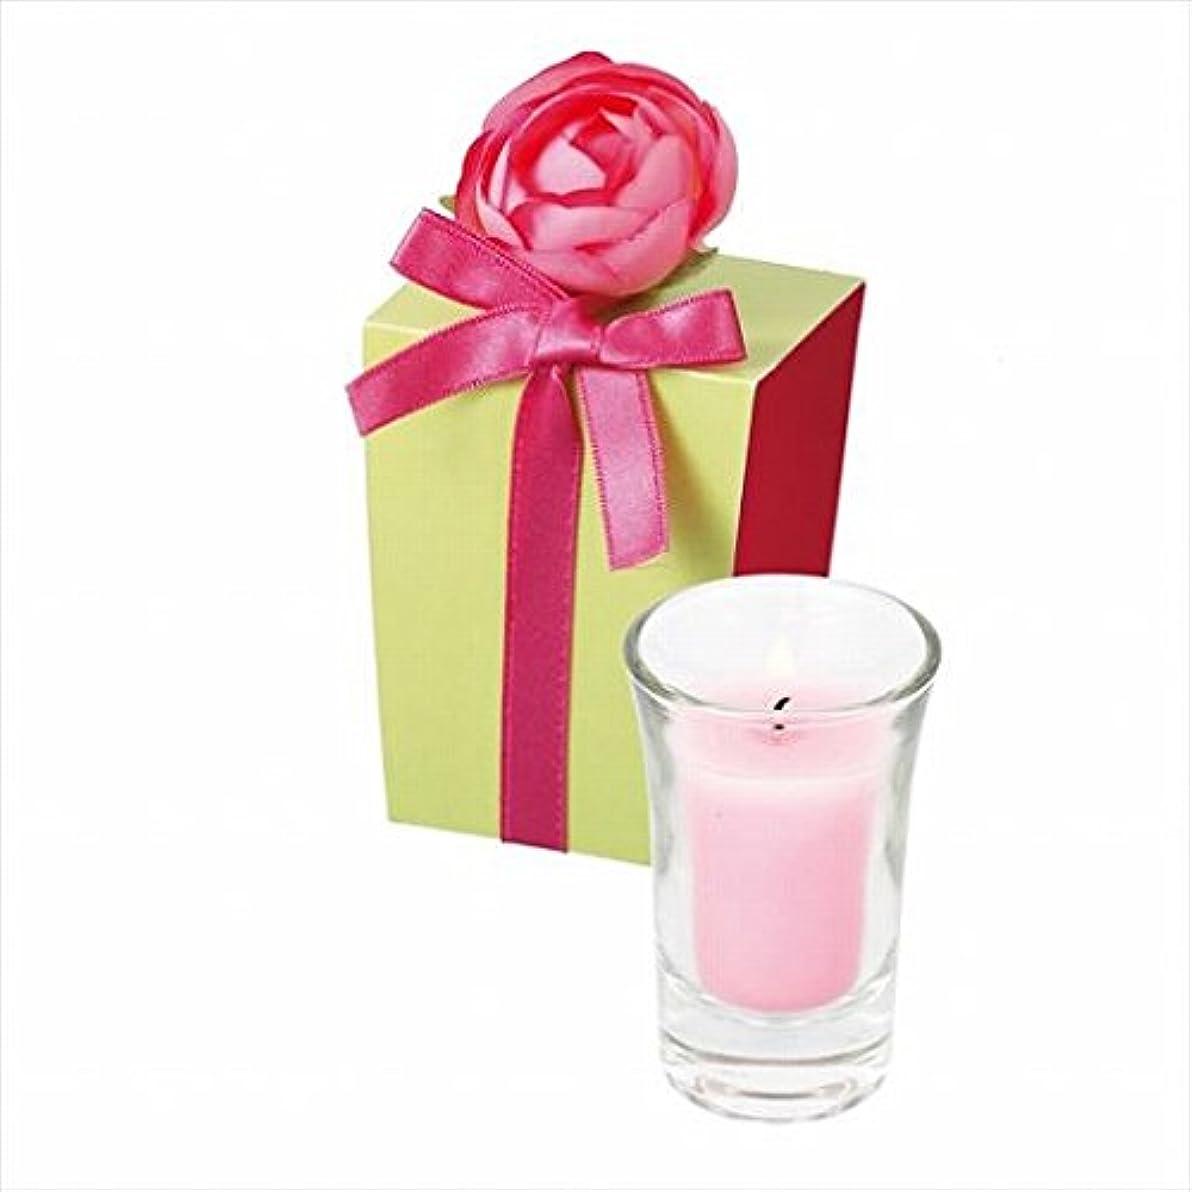 フォーマルパズル請負業者カメヤマキャンドル(kameyama candle) ラナンキュラスグラスキャンドル 「 ピンク 」